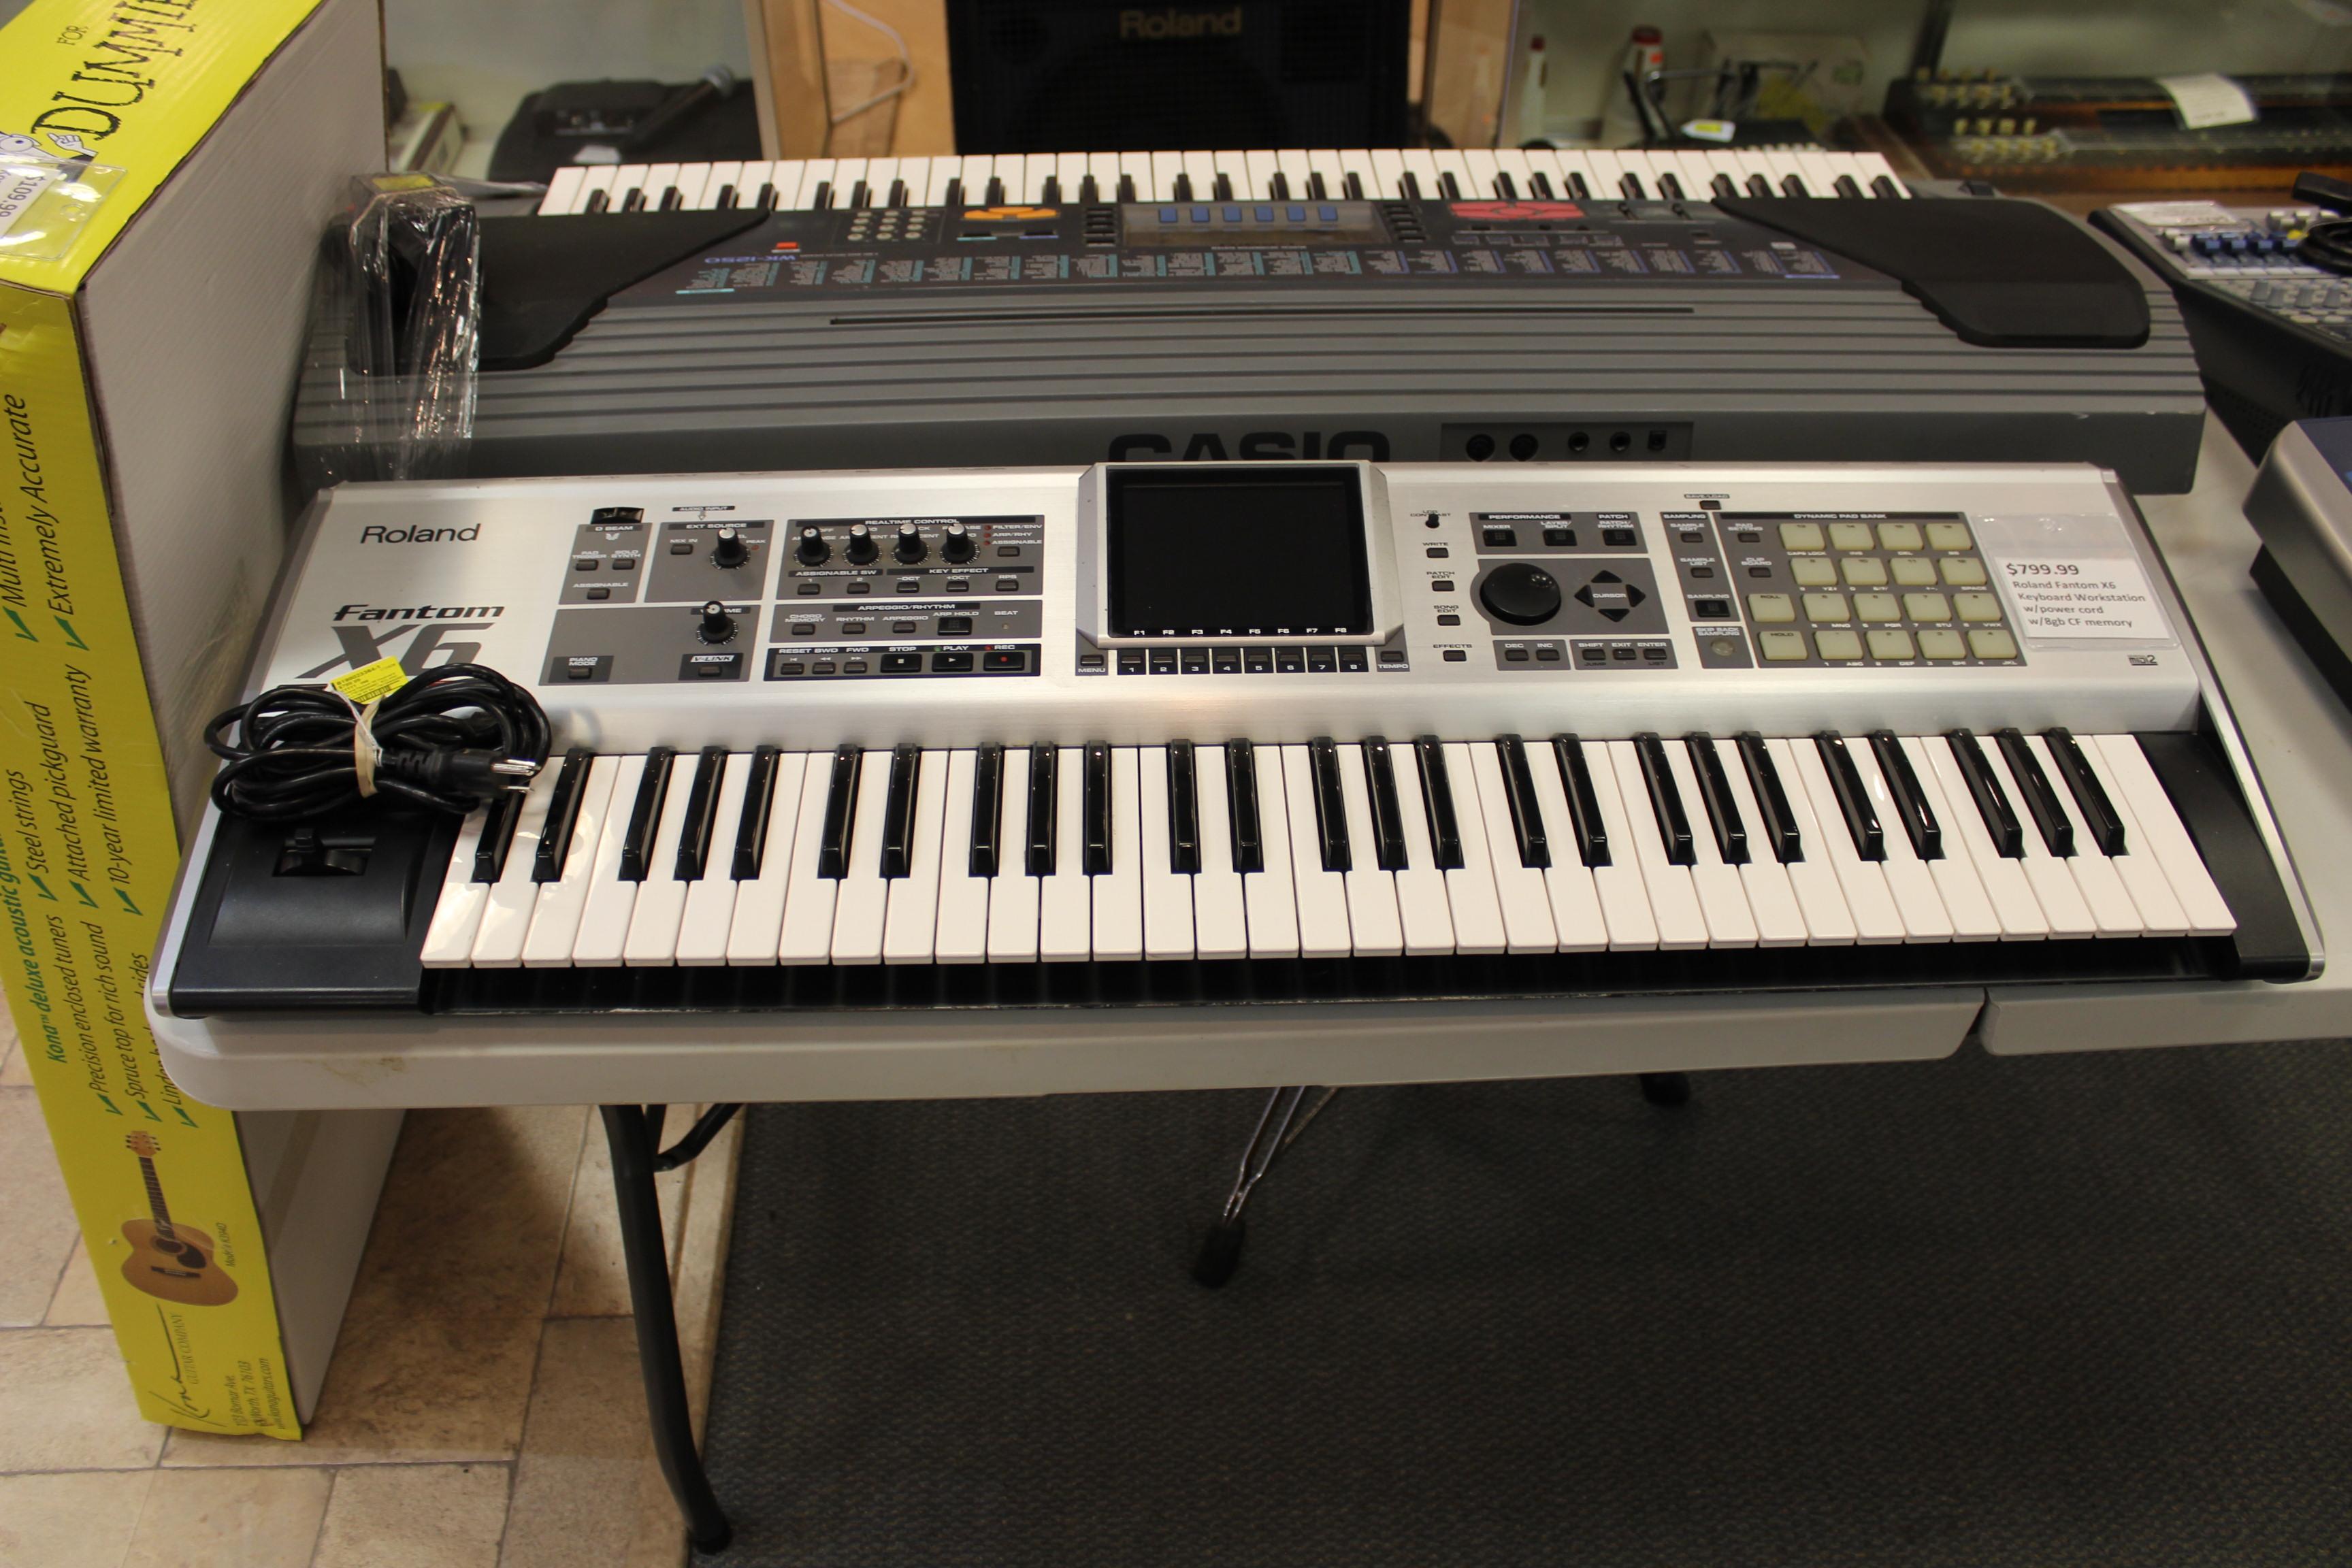 roland fantom x6 keyboard workstation used ted 39 s pawn shop. Black Bedroom Furniture Sets. Home Design Ideas